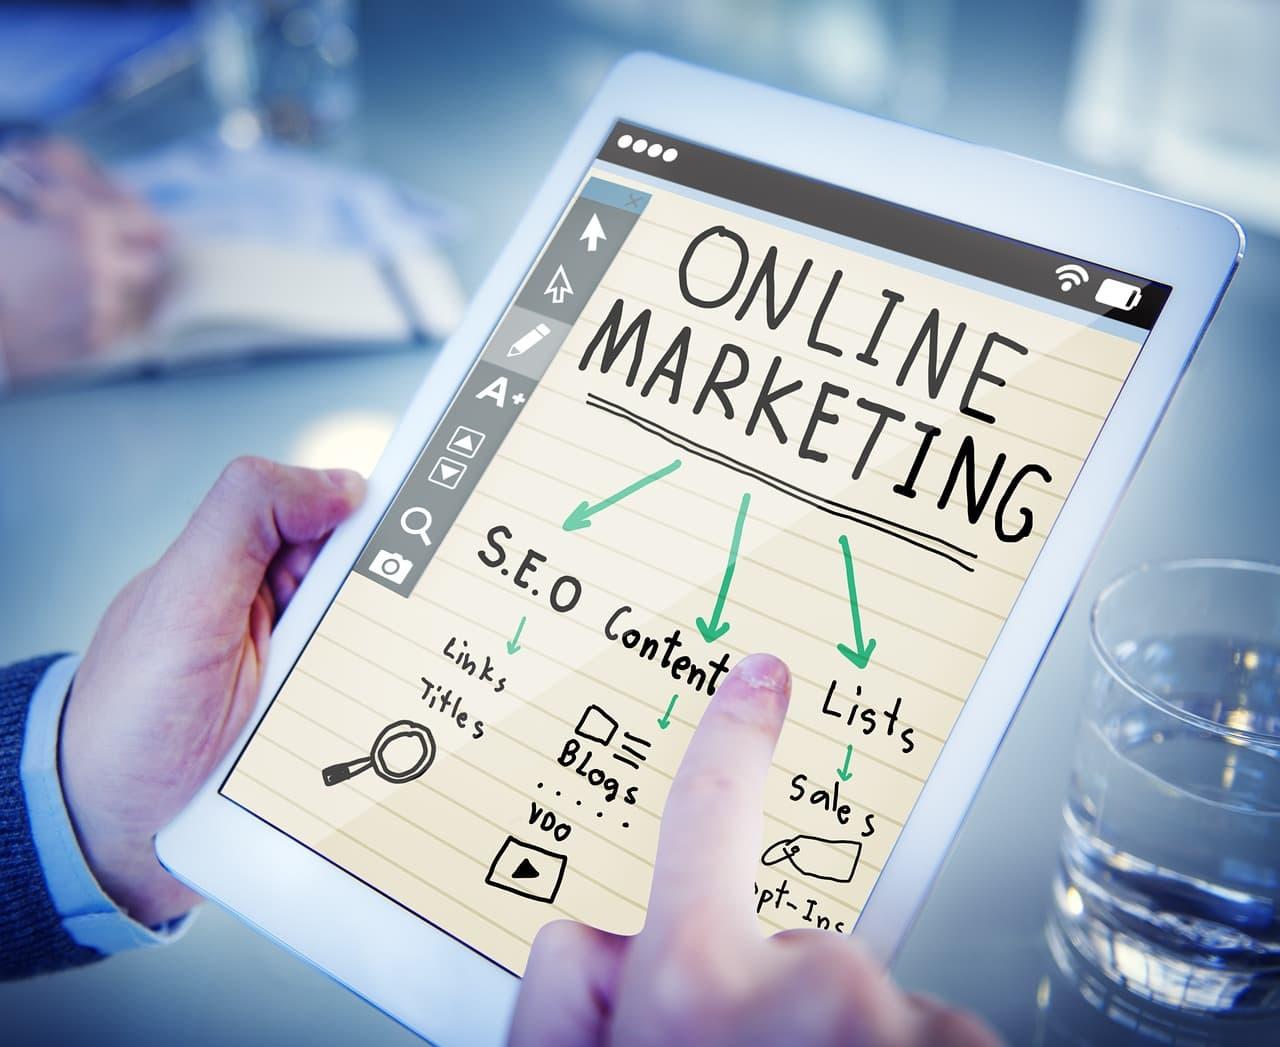 Onlinemarketing Instrumente